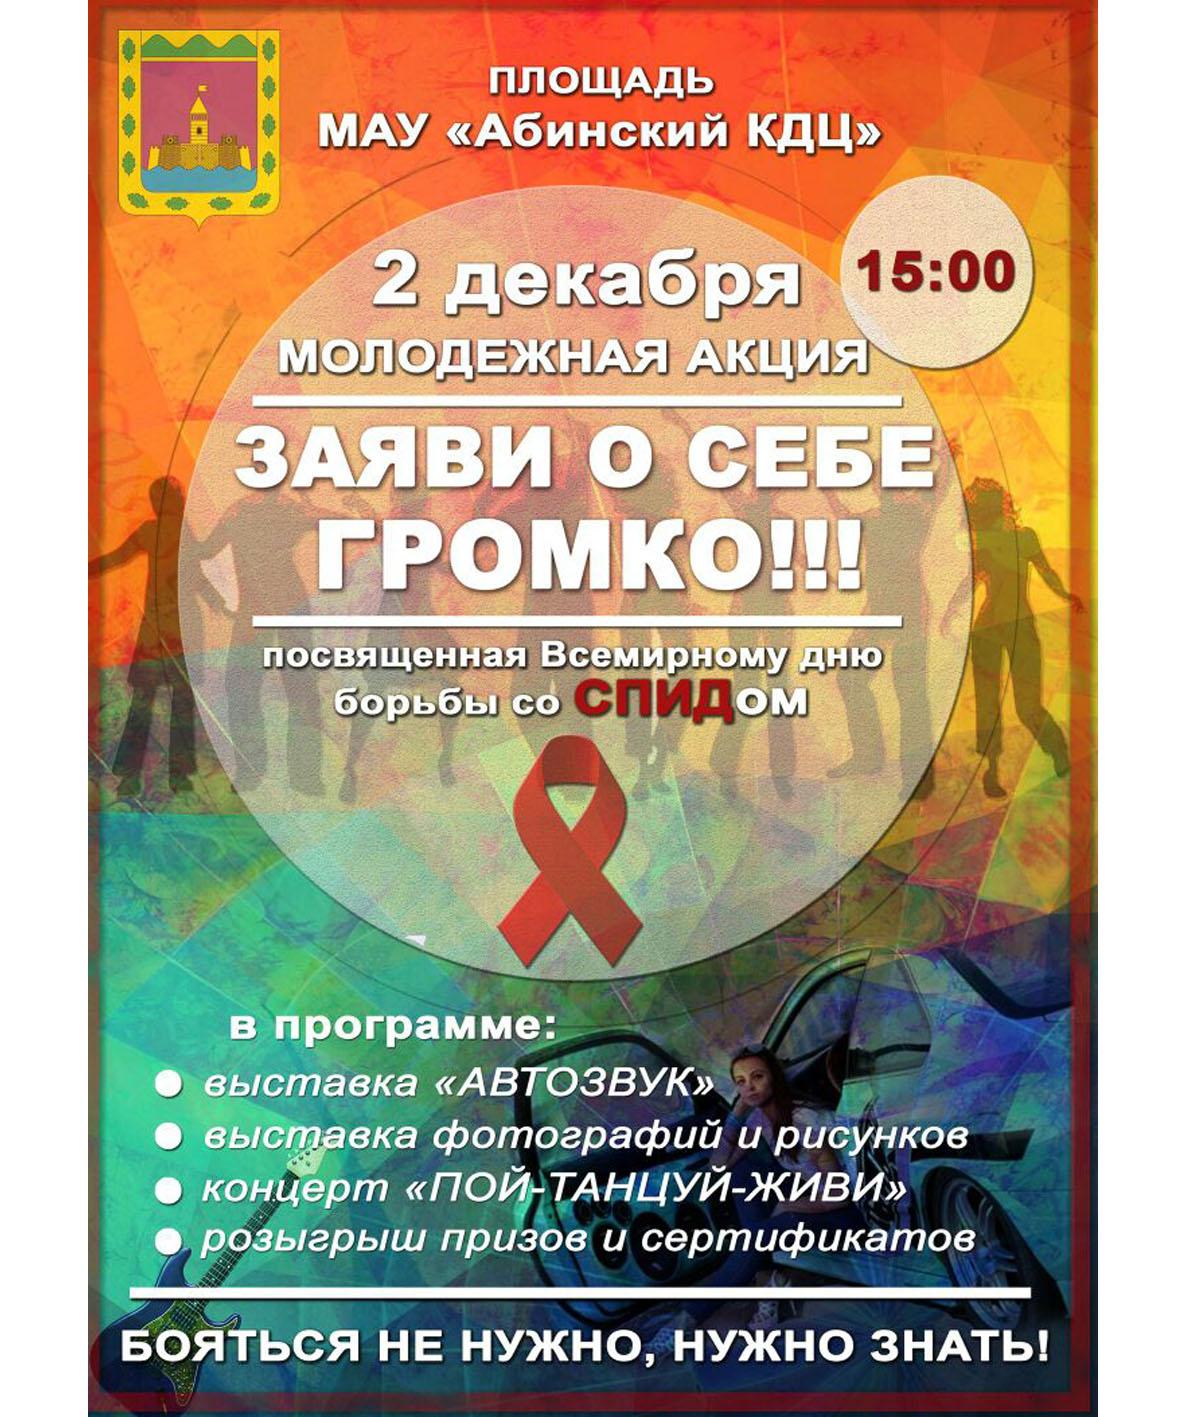 В Абинске пройдет молодежная акция